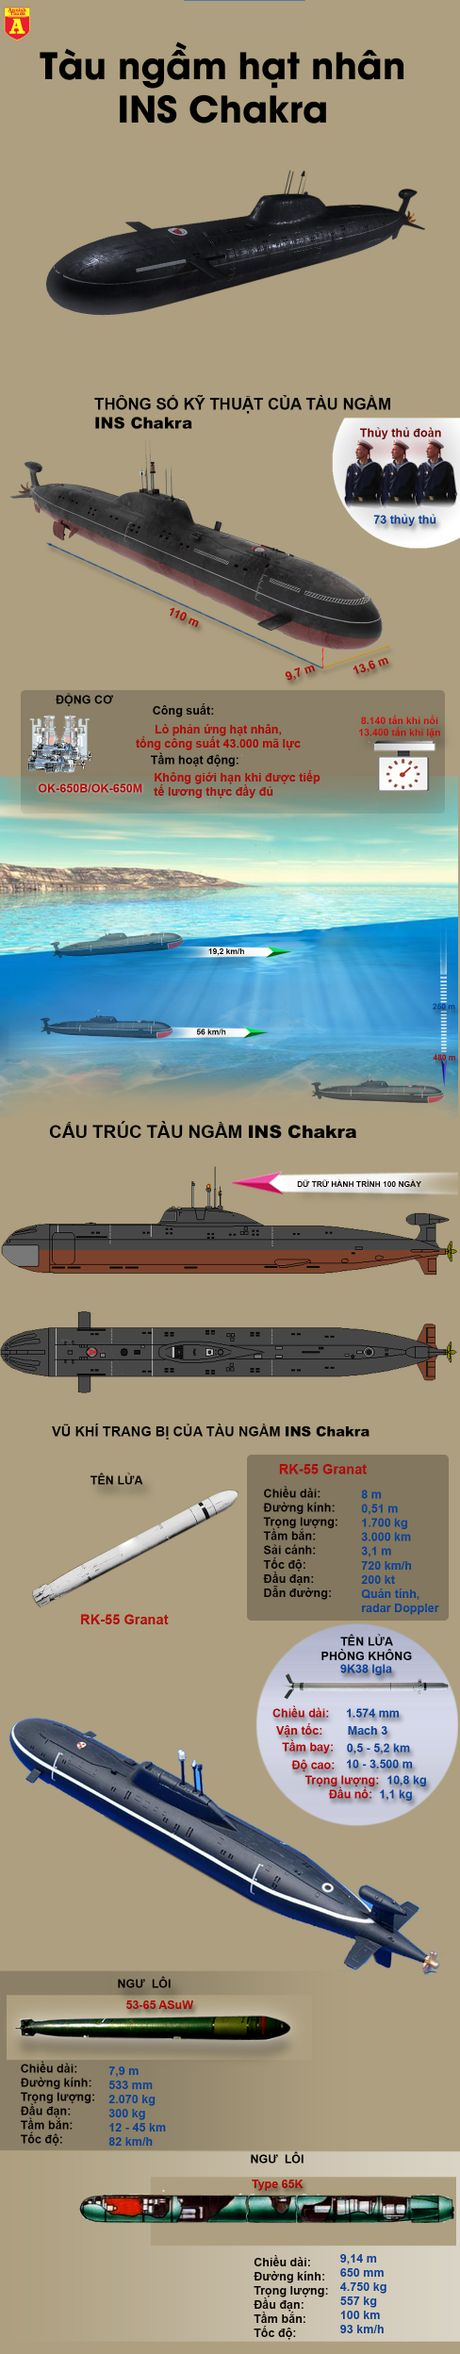 Trung Quoc mung tham vi 'cu dam dai duong' cua An Do phai nam bo - Anh 2